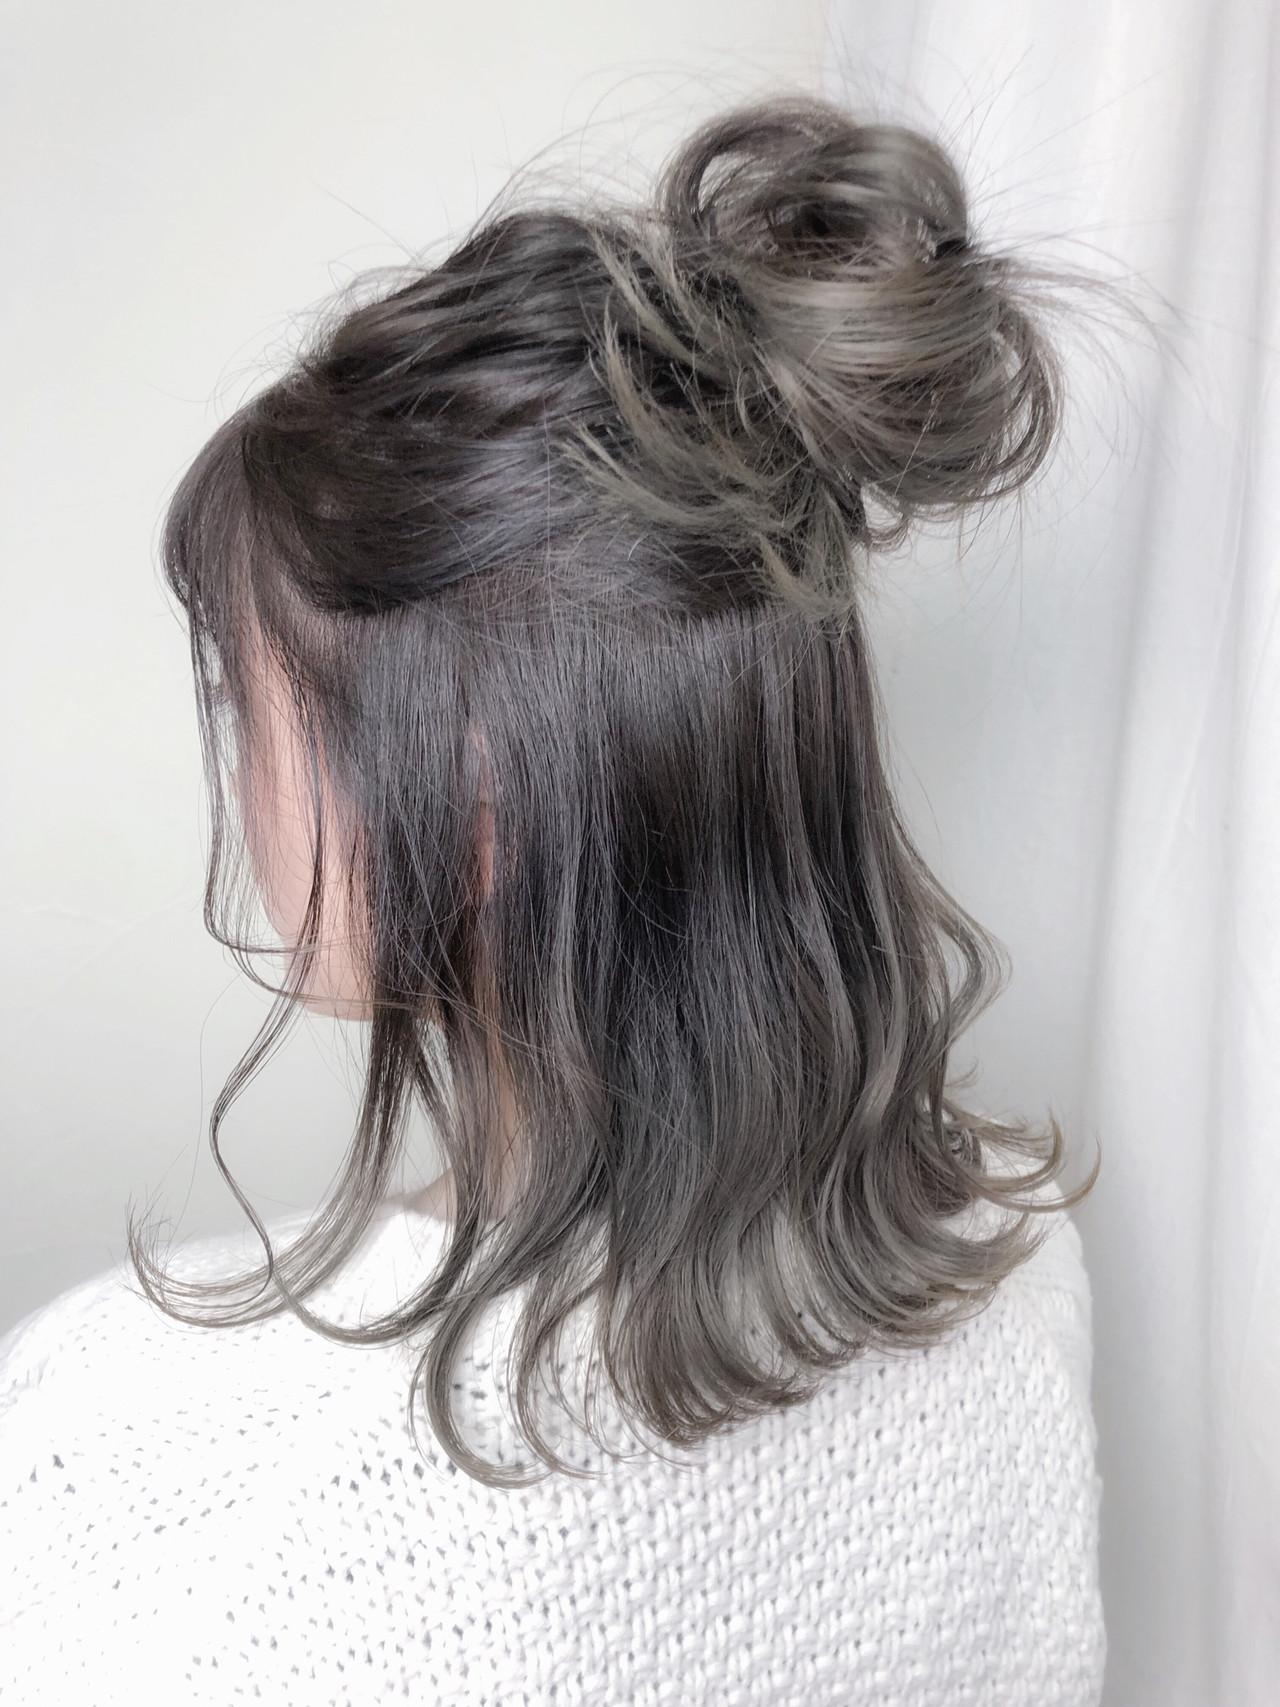 グレージュ ヘアアレンジ アンニュイほつれヘア ミディアム ヘアスタイルや髪型の写真・画像